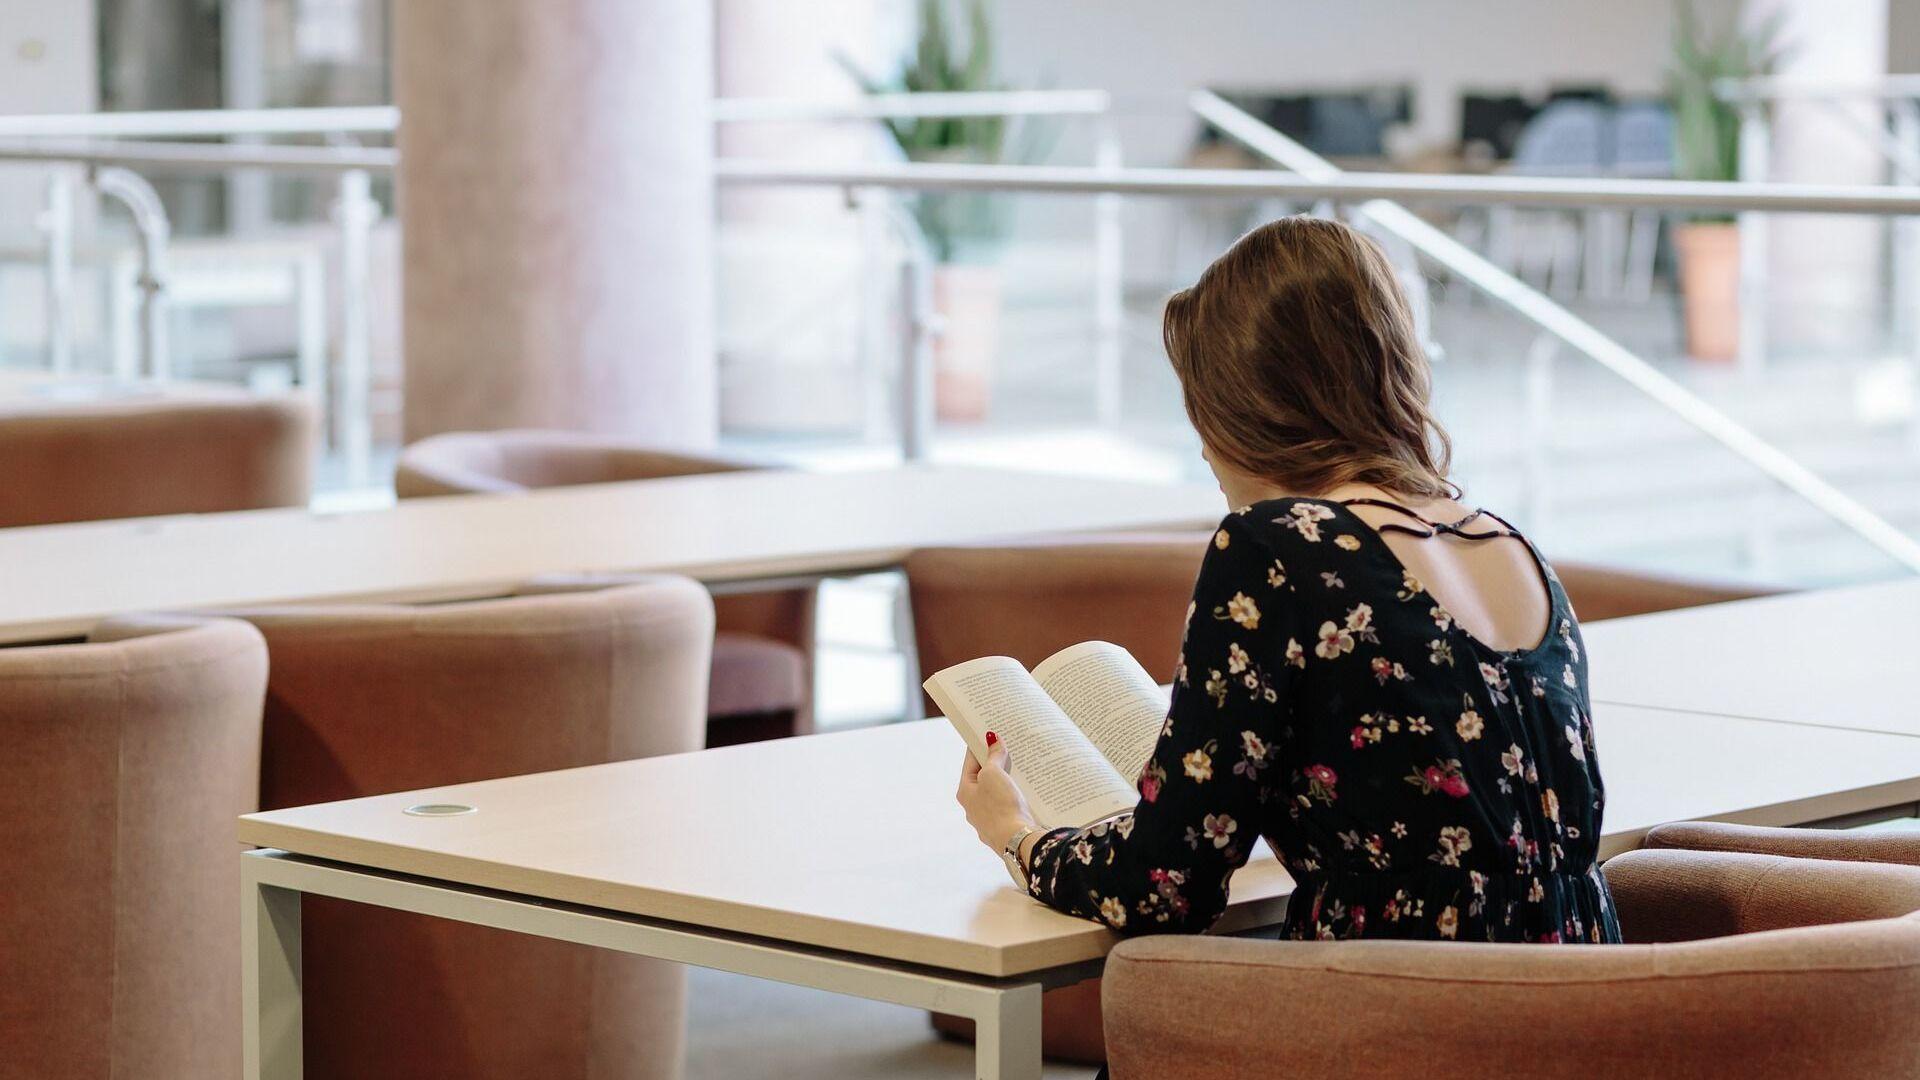 Una joven lee un libro - Sputnik Mundo, 1920, 02.07.2021